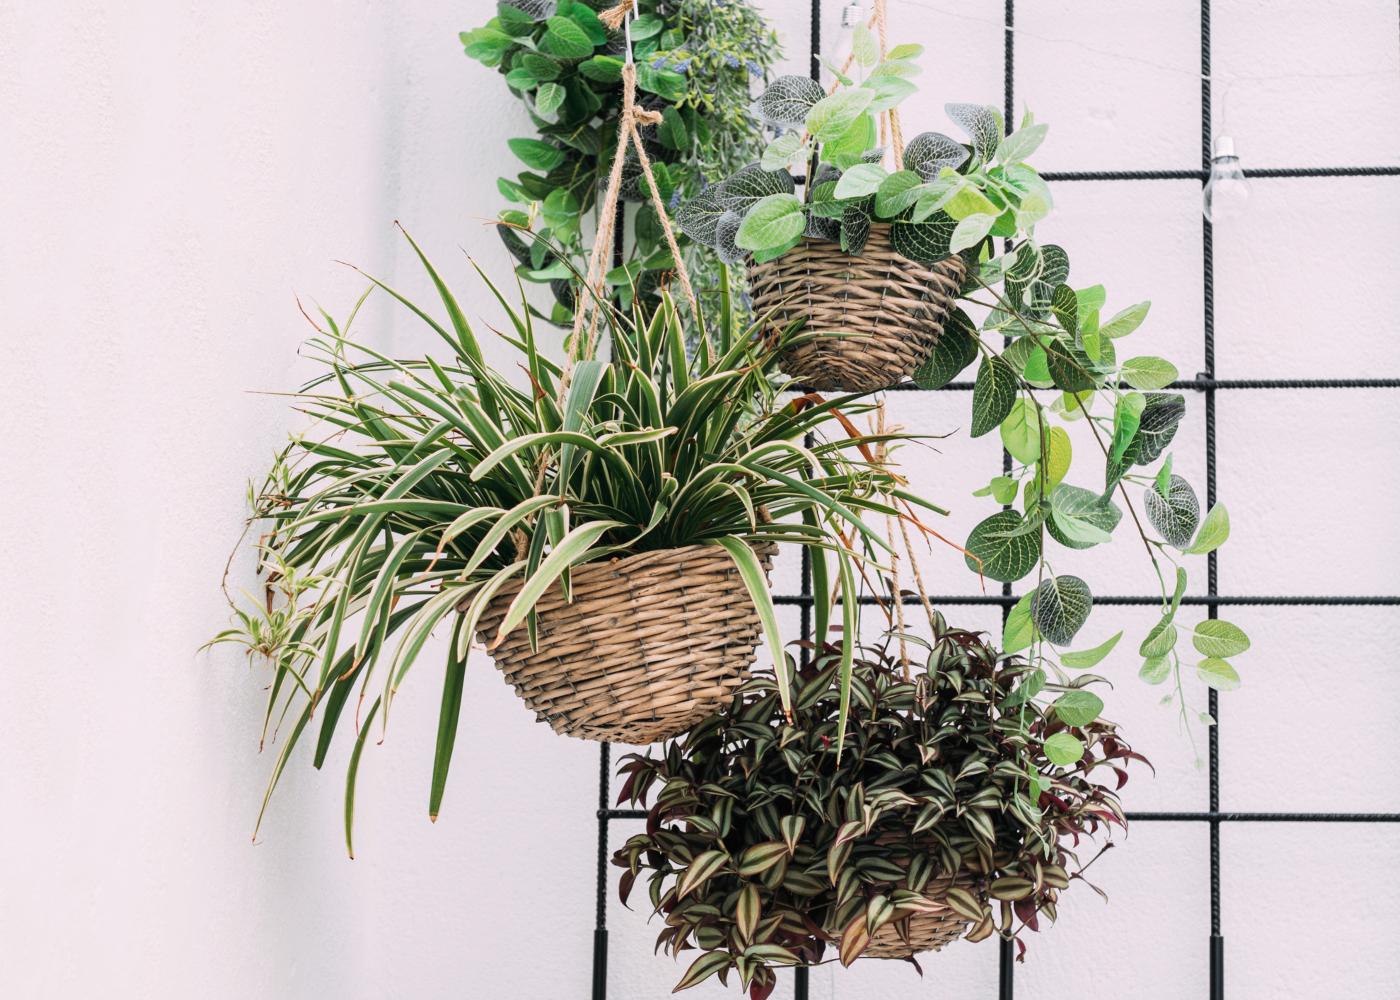 varias plantas penduradas